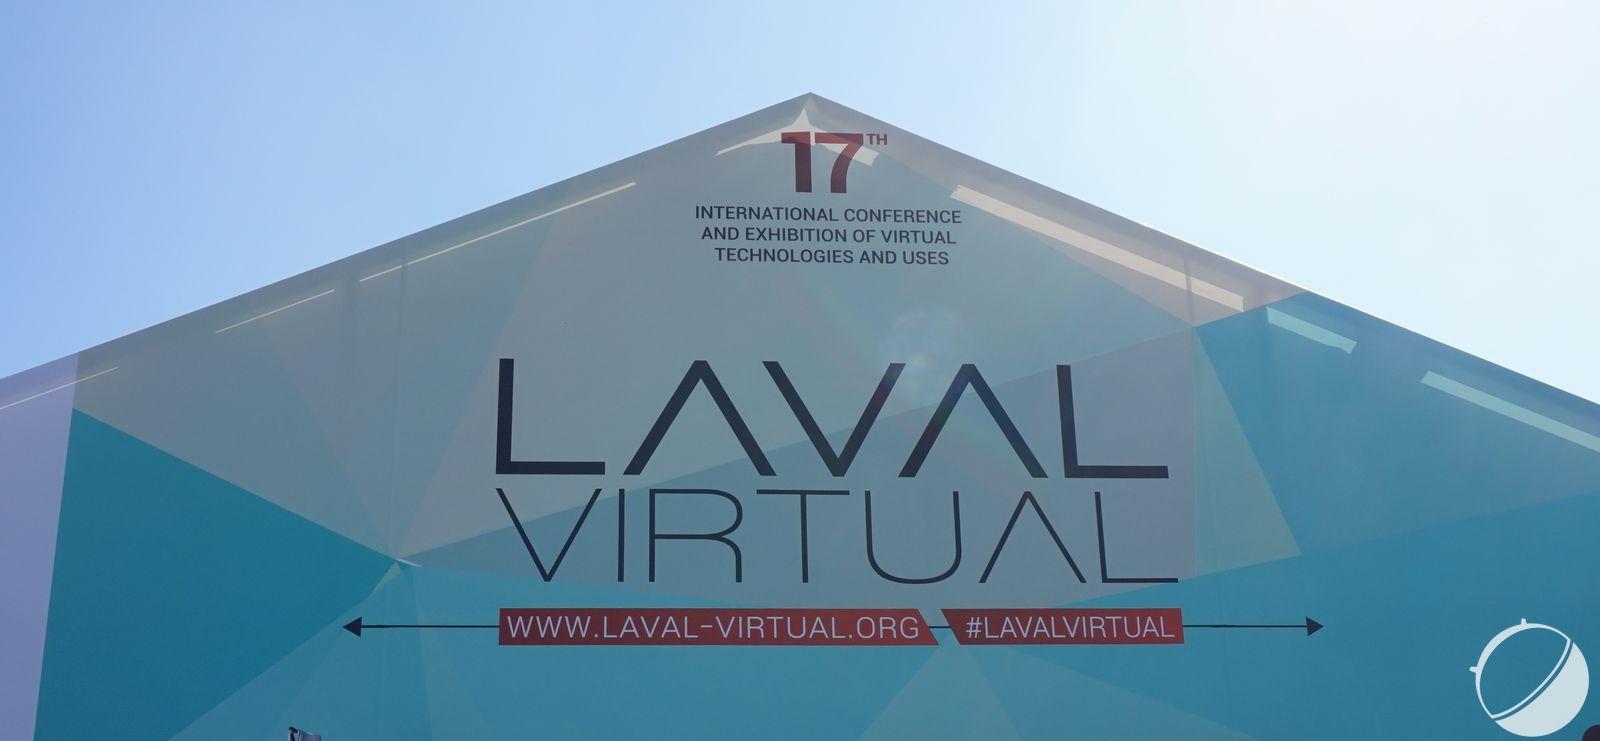 Laval Virtual : «La réalité virtuelle, ça fait plus de 10 ans qu'on l'utilise»